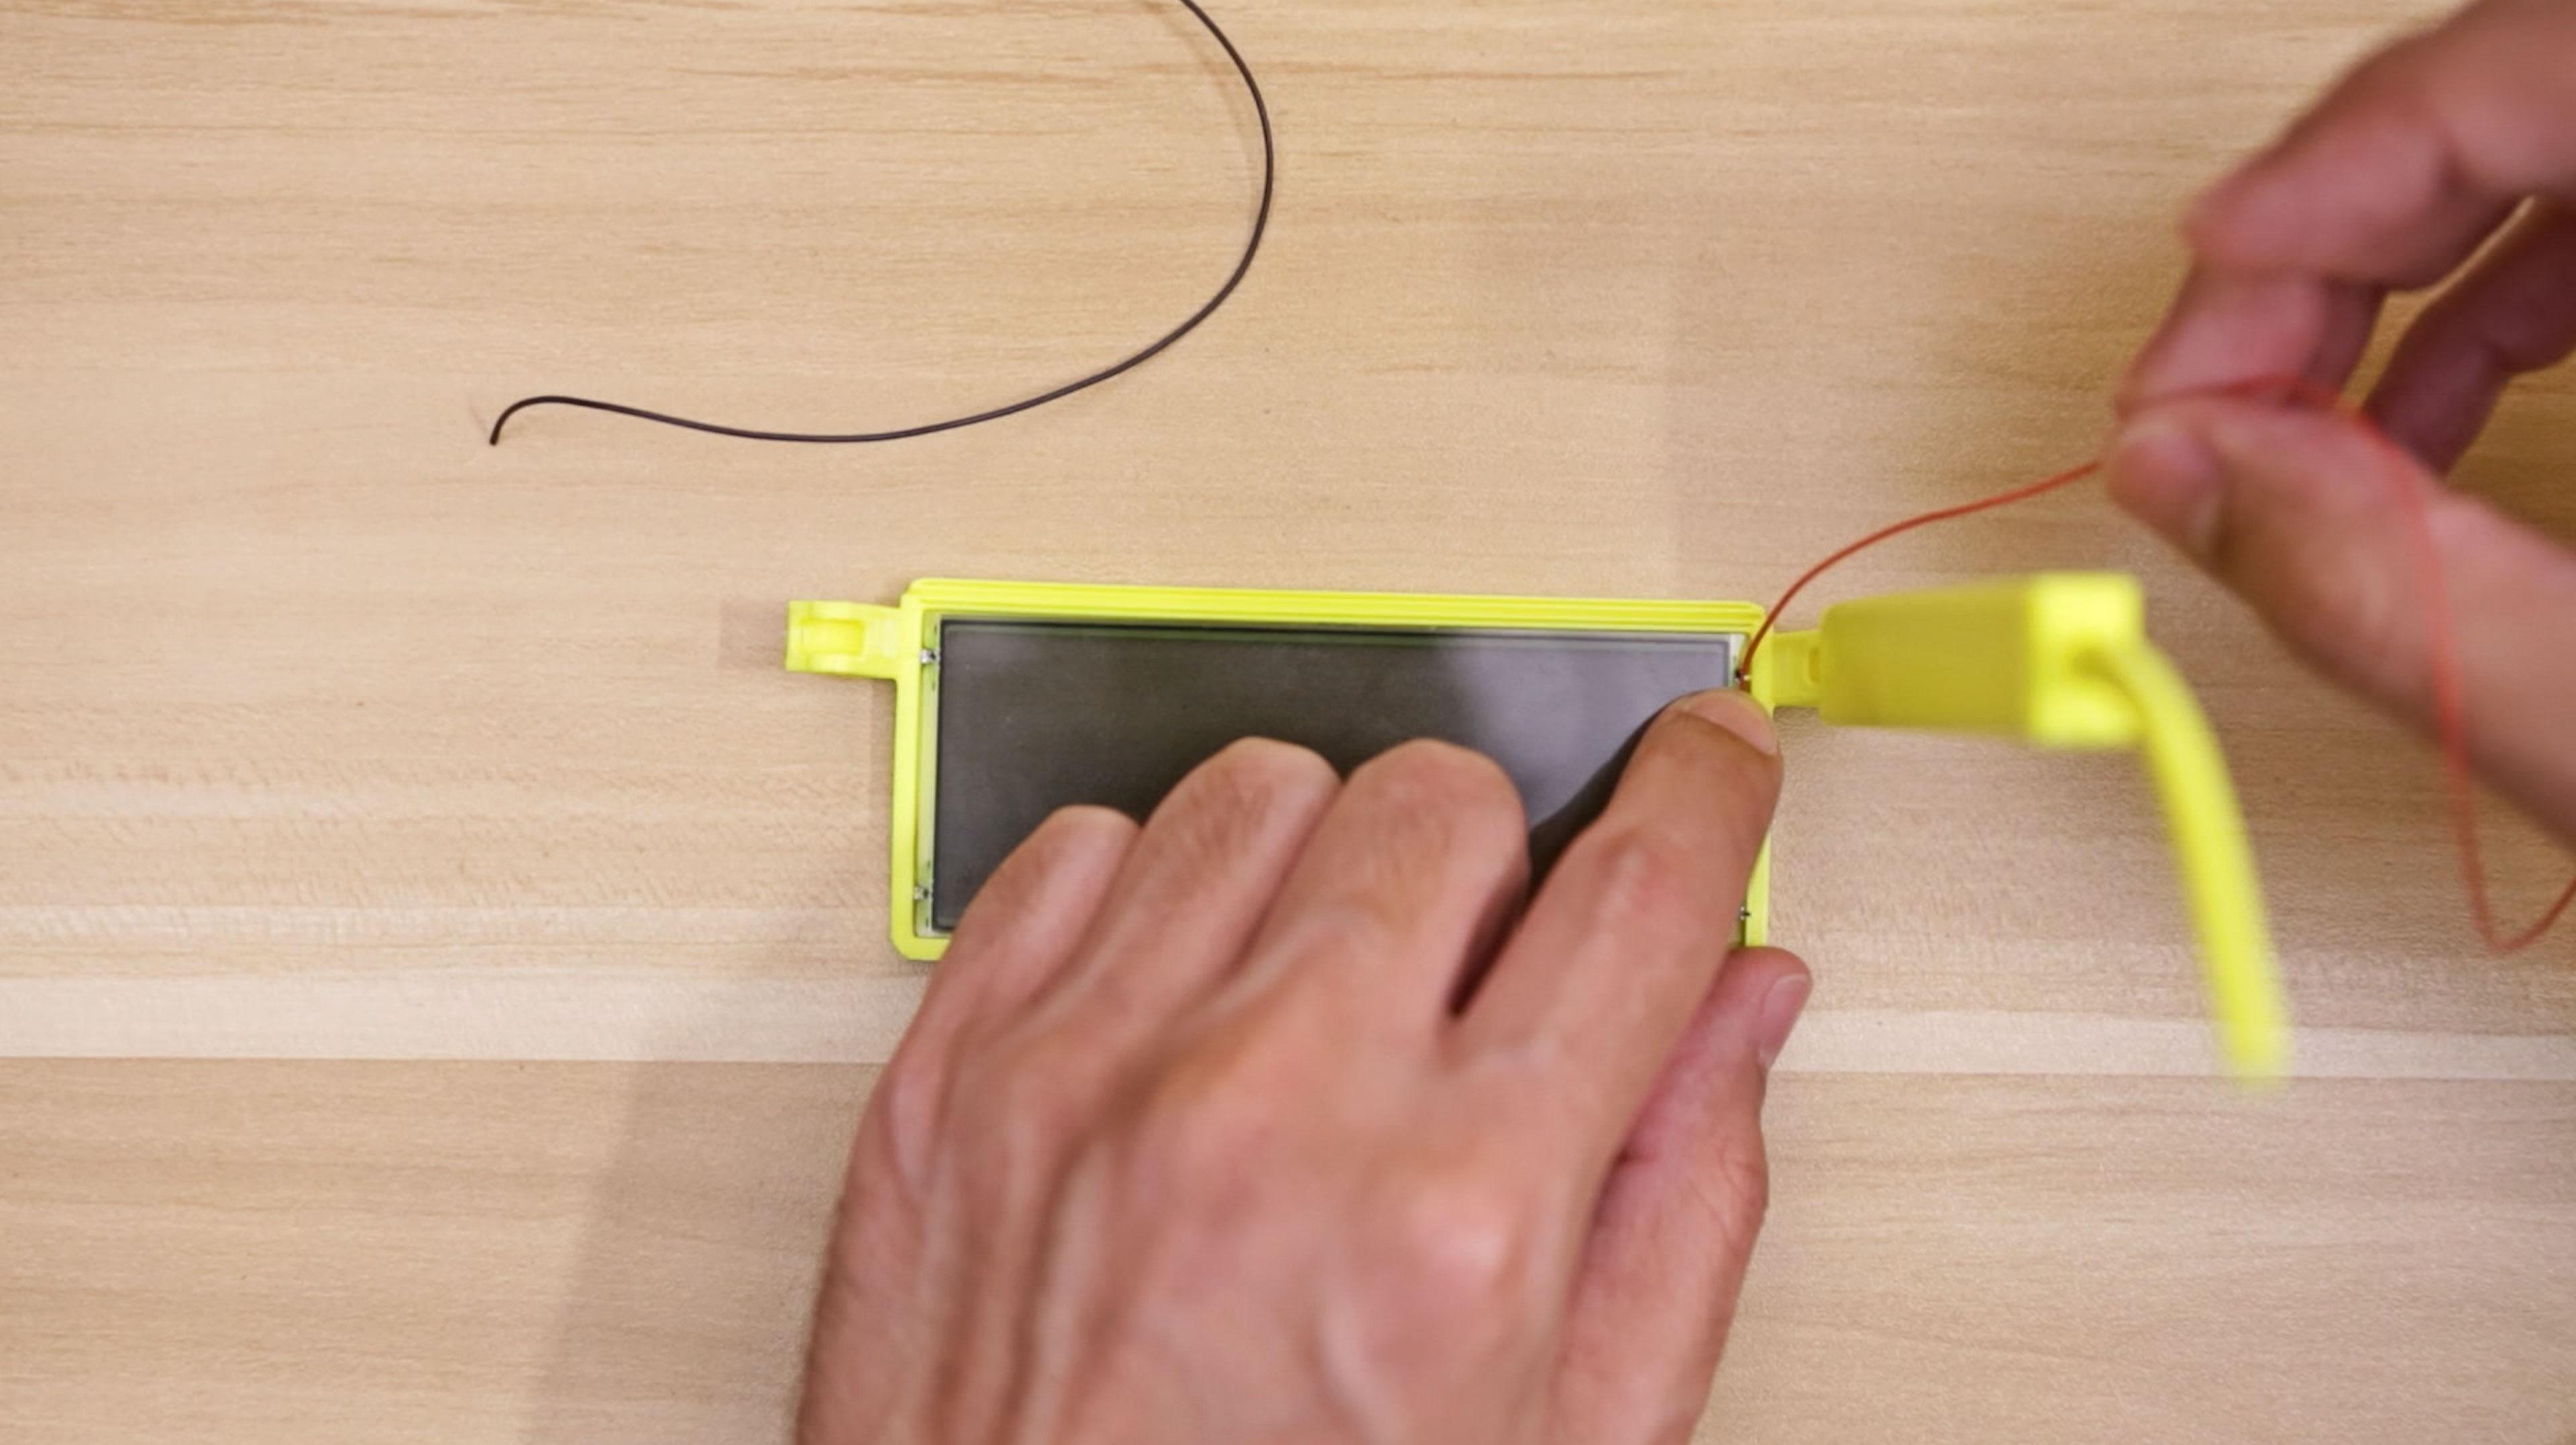 lcds___displays_lcd-wire-measure2.jpg